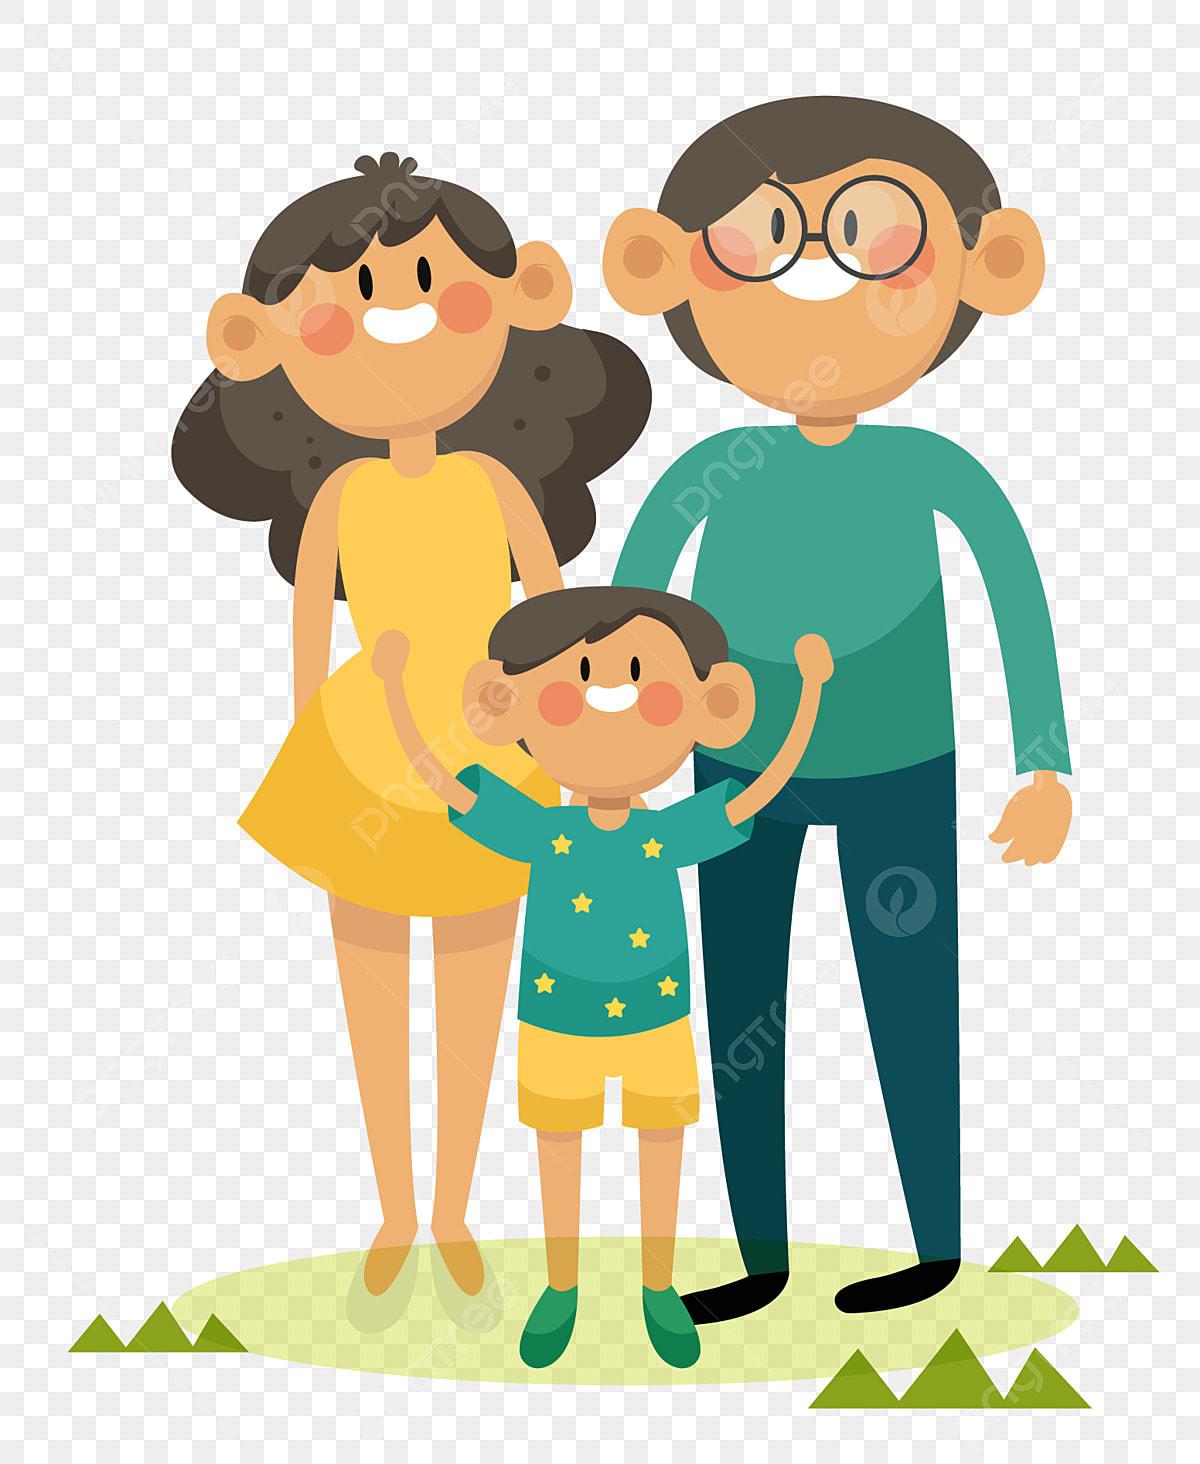 Gambar Sebuah Keluarga Yang Terdiri Daripada Tiga Kartun Ibu Dan Ayah Keluarga Bahagia Pasangan Pengantin Keluarga Tiga Png Dan Vektor Untuk Muat Turun Percuma